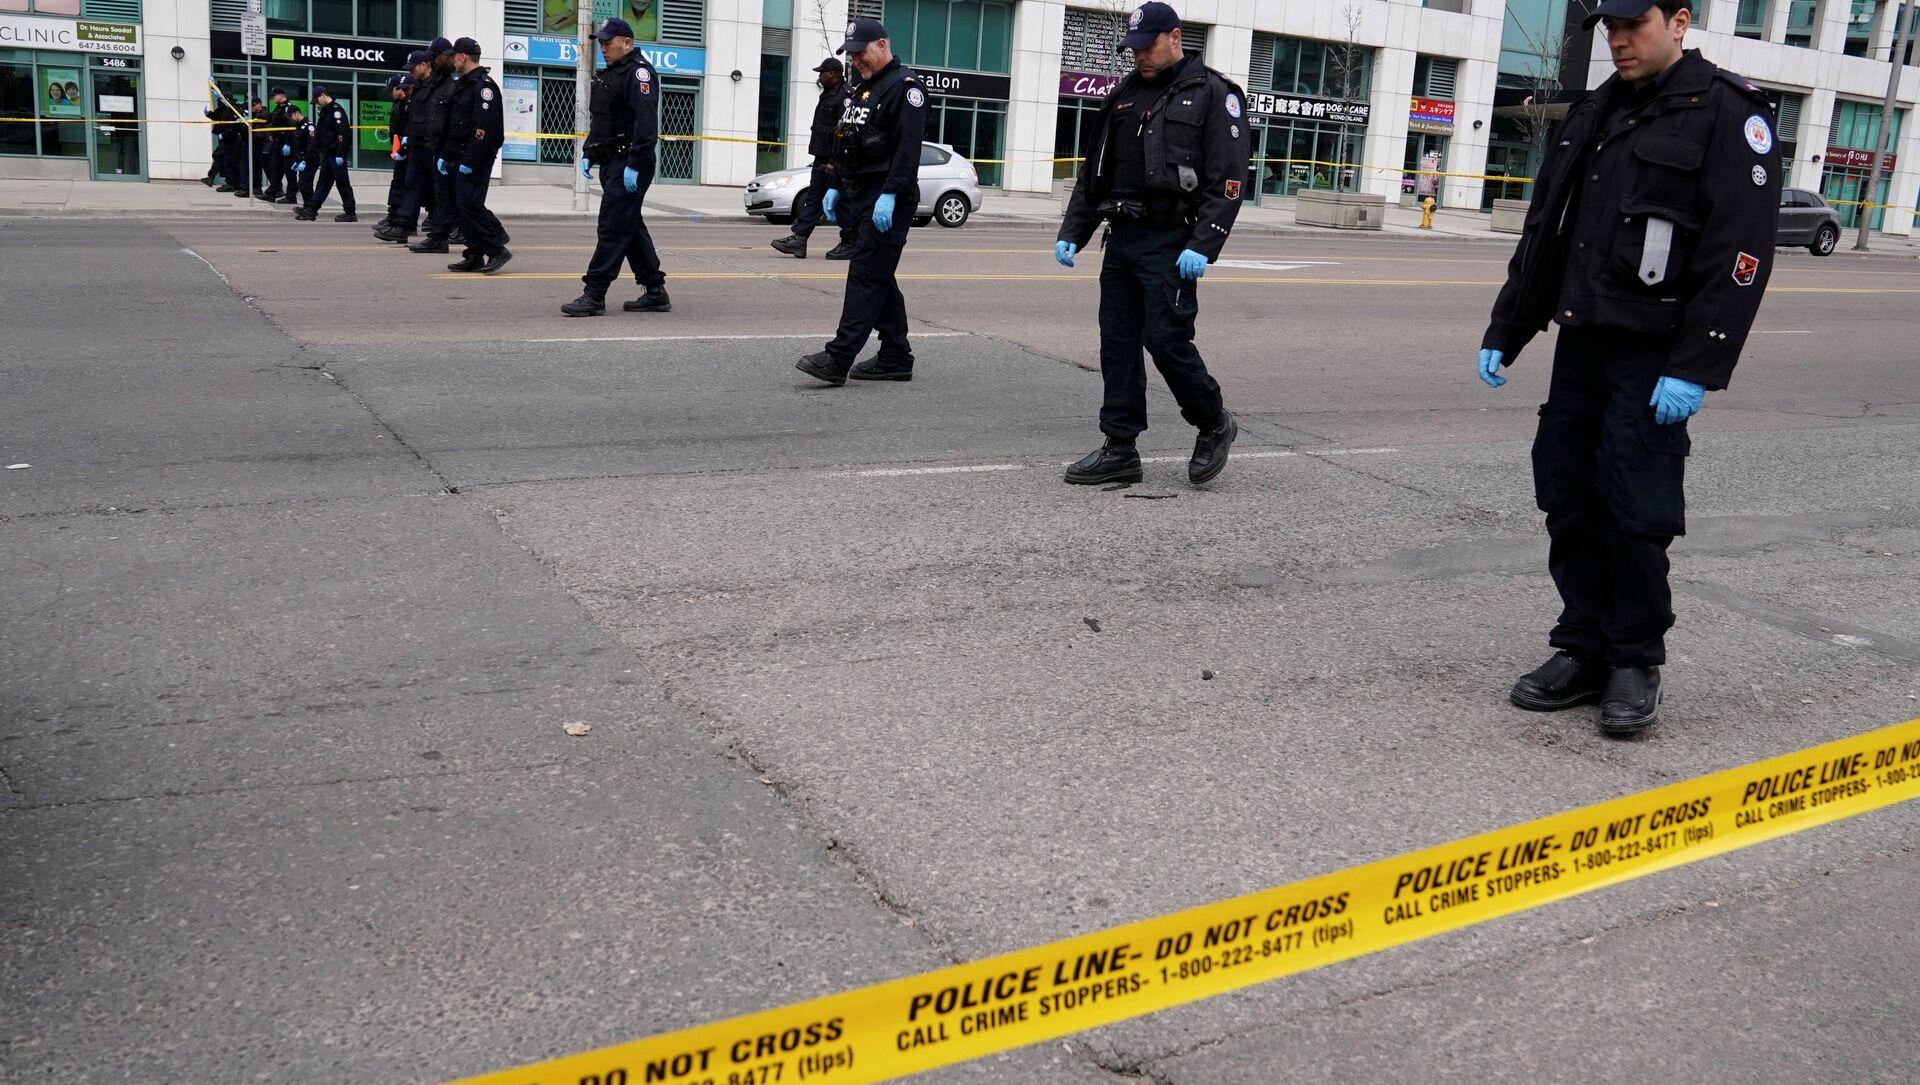 Policía en el lugar del atropello en Toronto - Sputnik Mundo, 1920, 24.04.2018